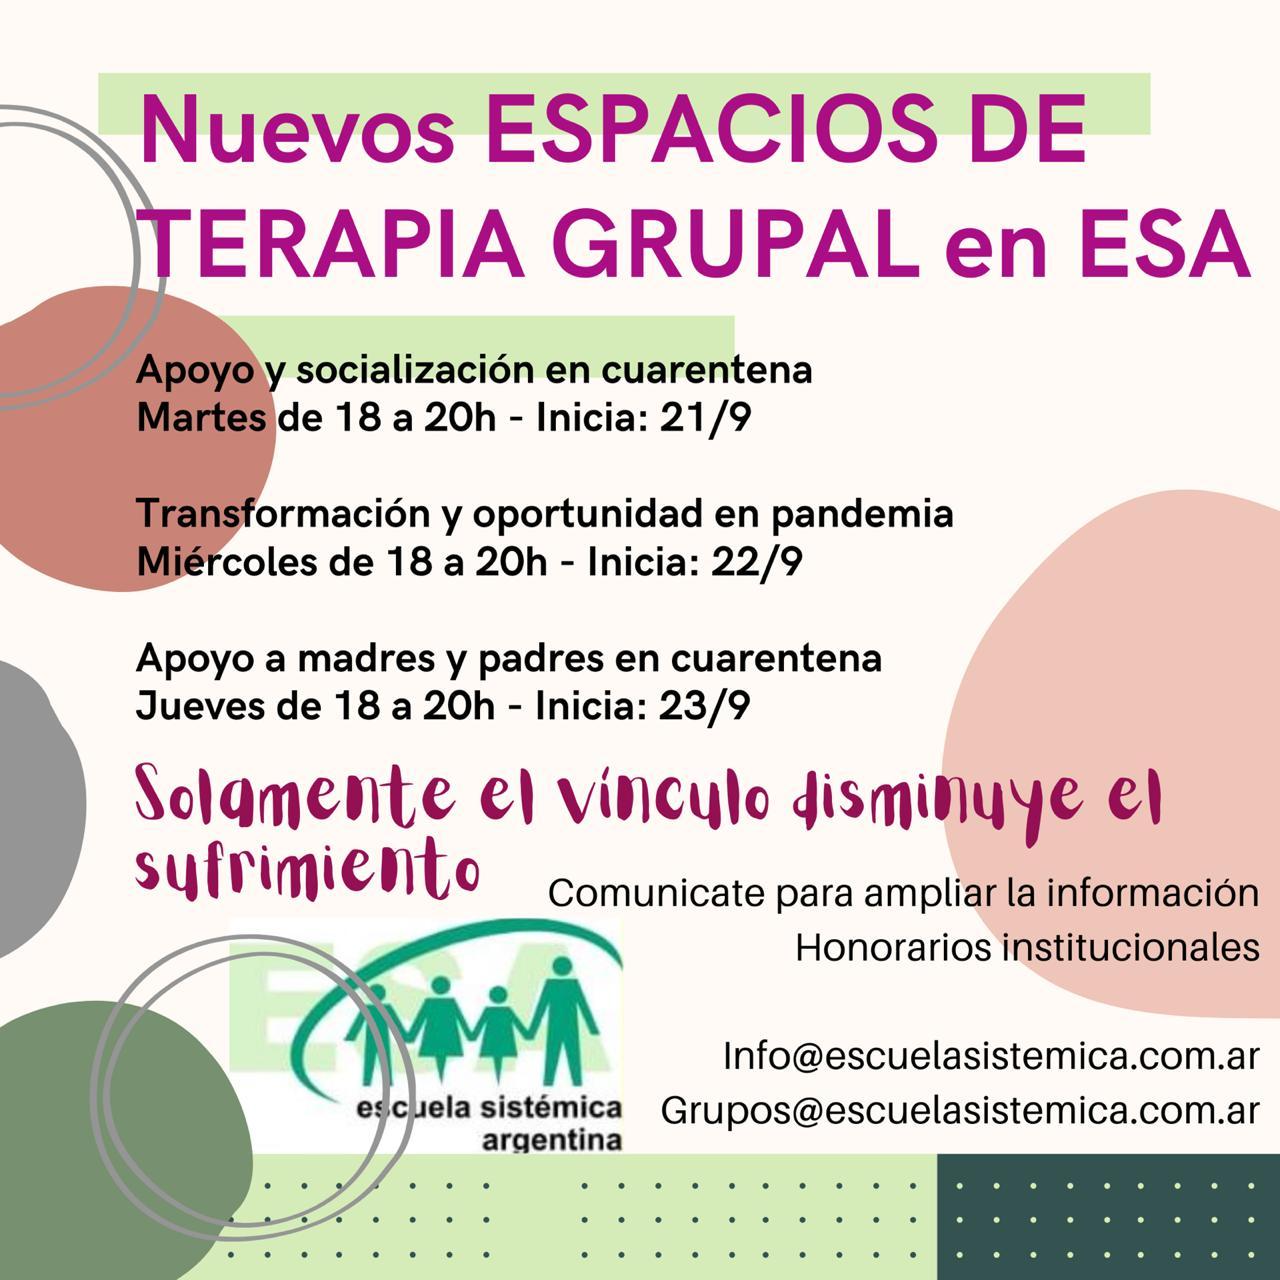 Espacios de terapia grupal en ESA